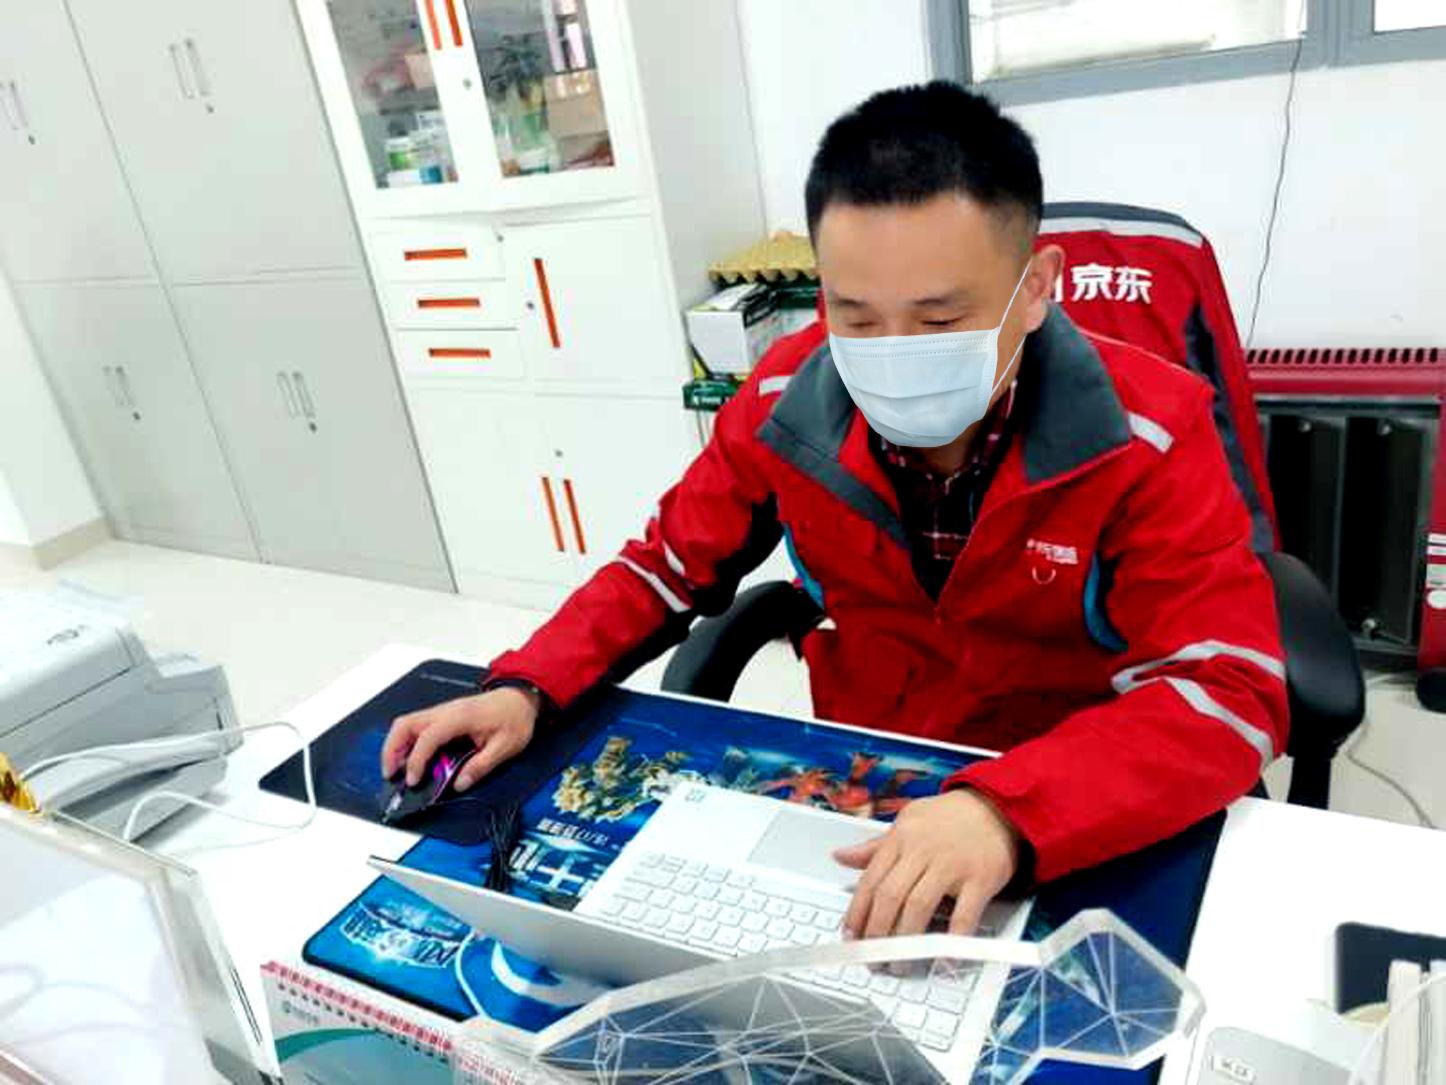 摩天注册,中国青年五四奖章不摩天注册能让医护断图片